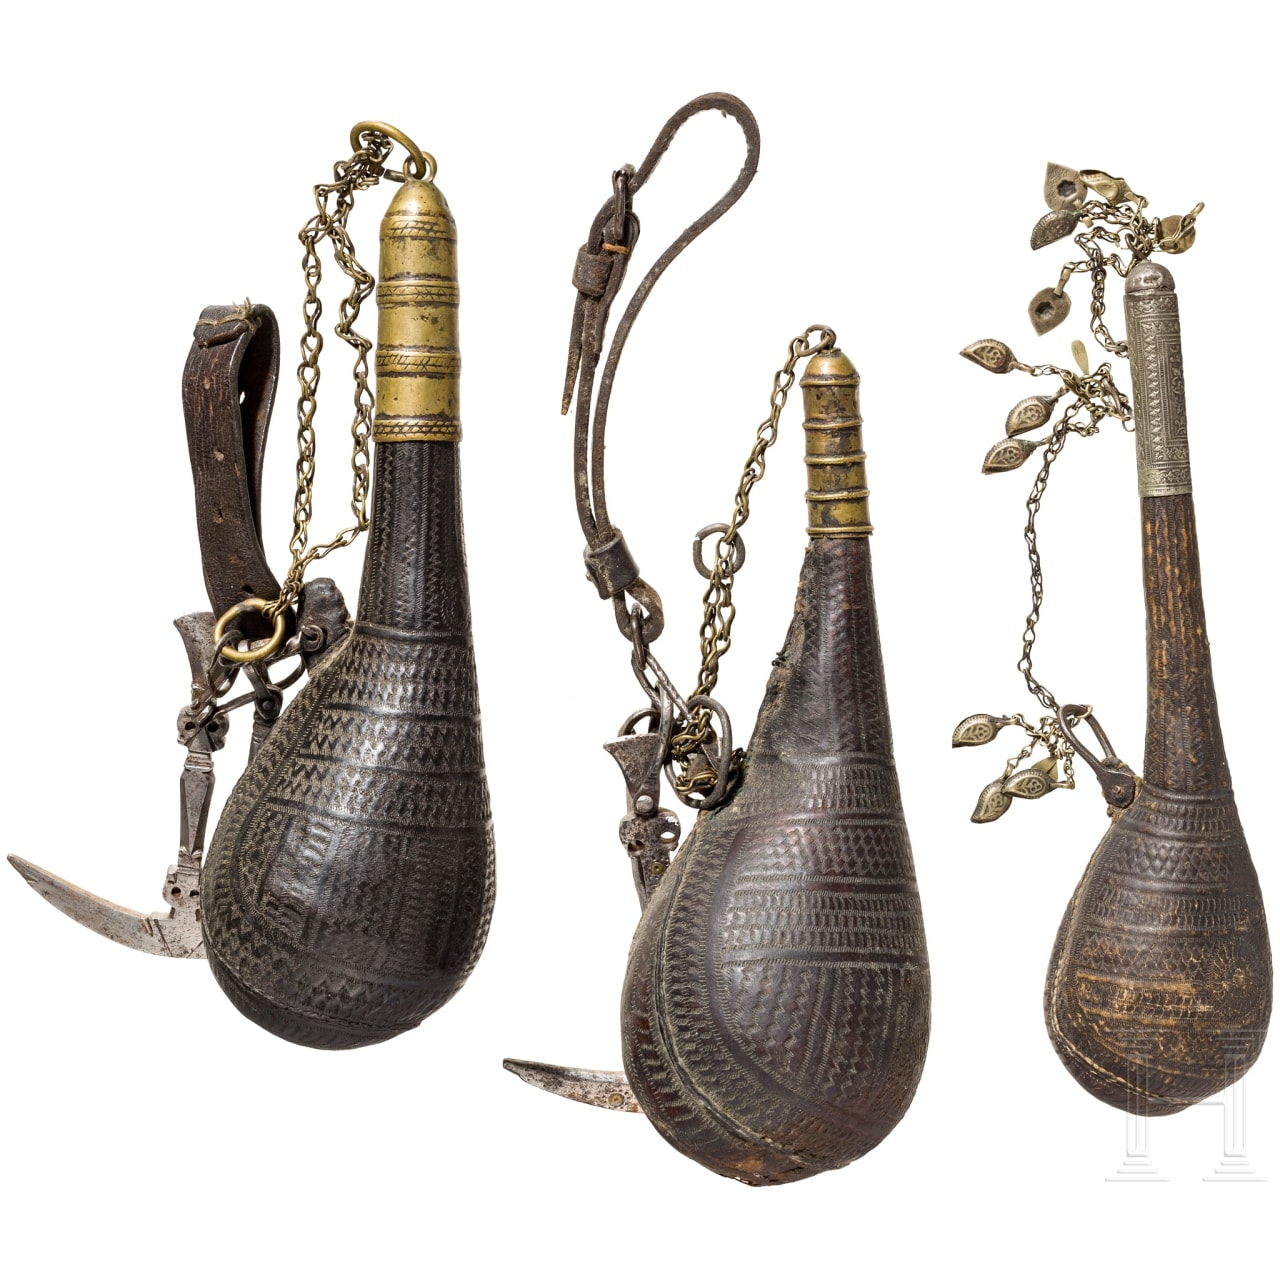 Drei Pulverflaschen, Afghanistan, 19. Jhdt.